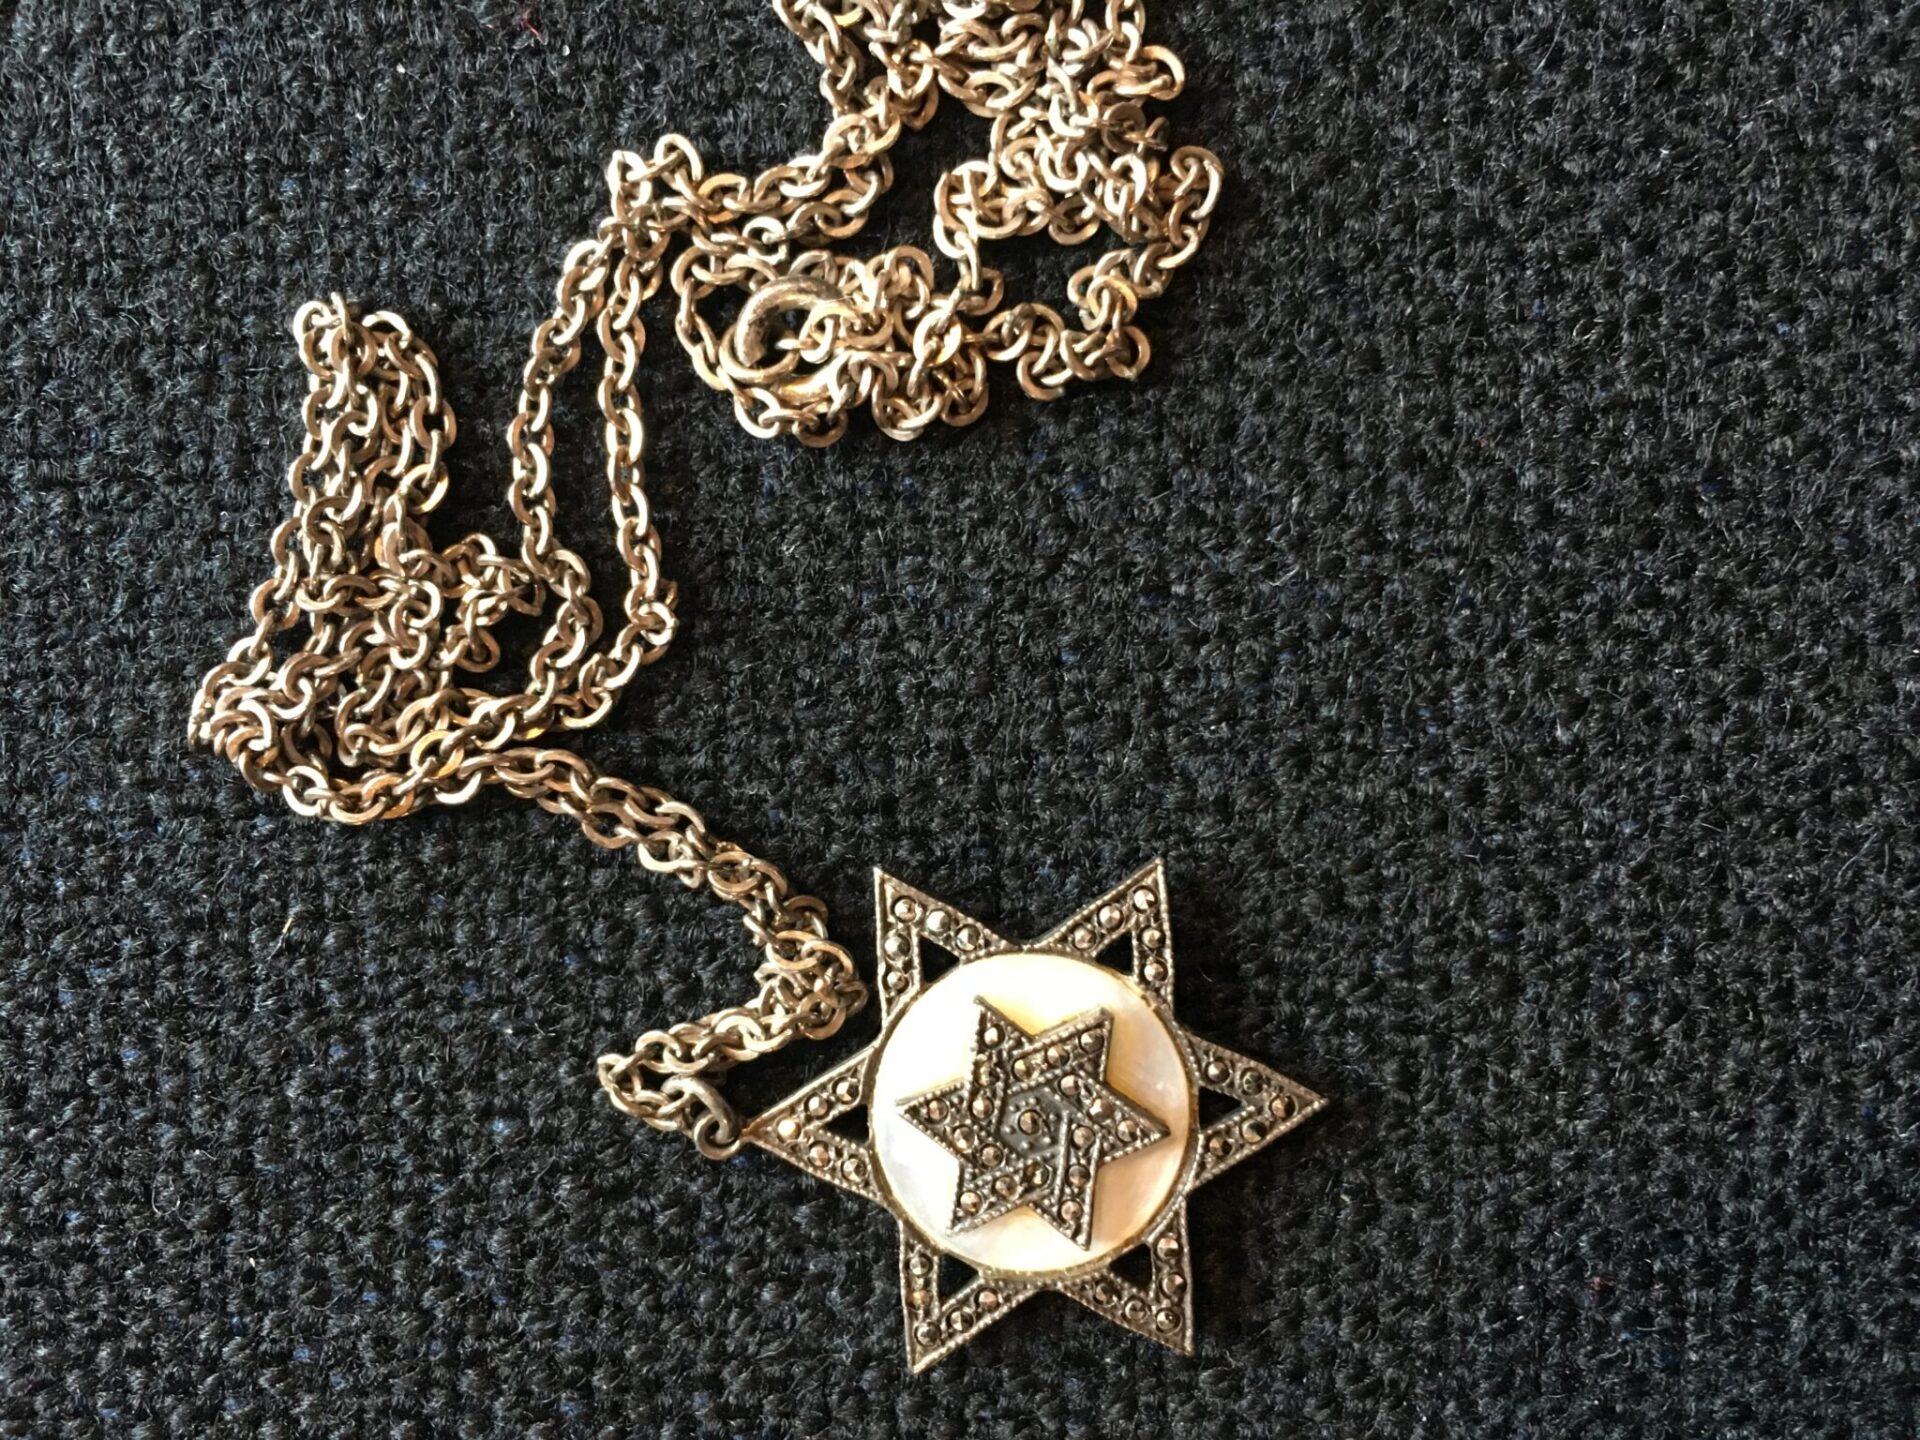 Davidsstjerne i sterling sølv, pris 200 kr